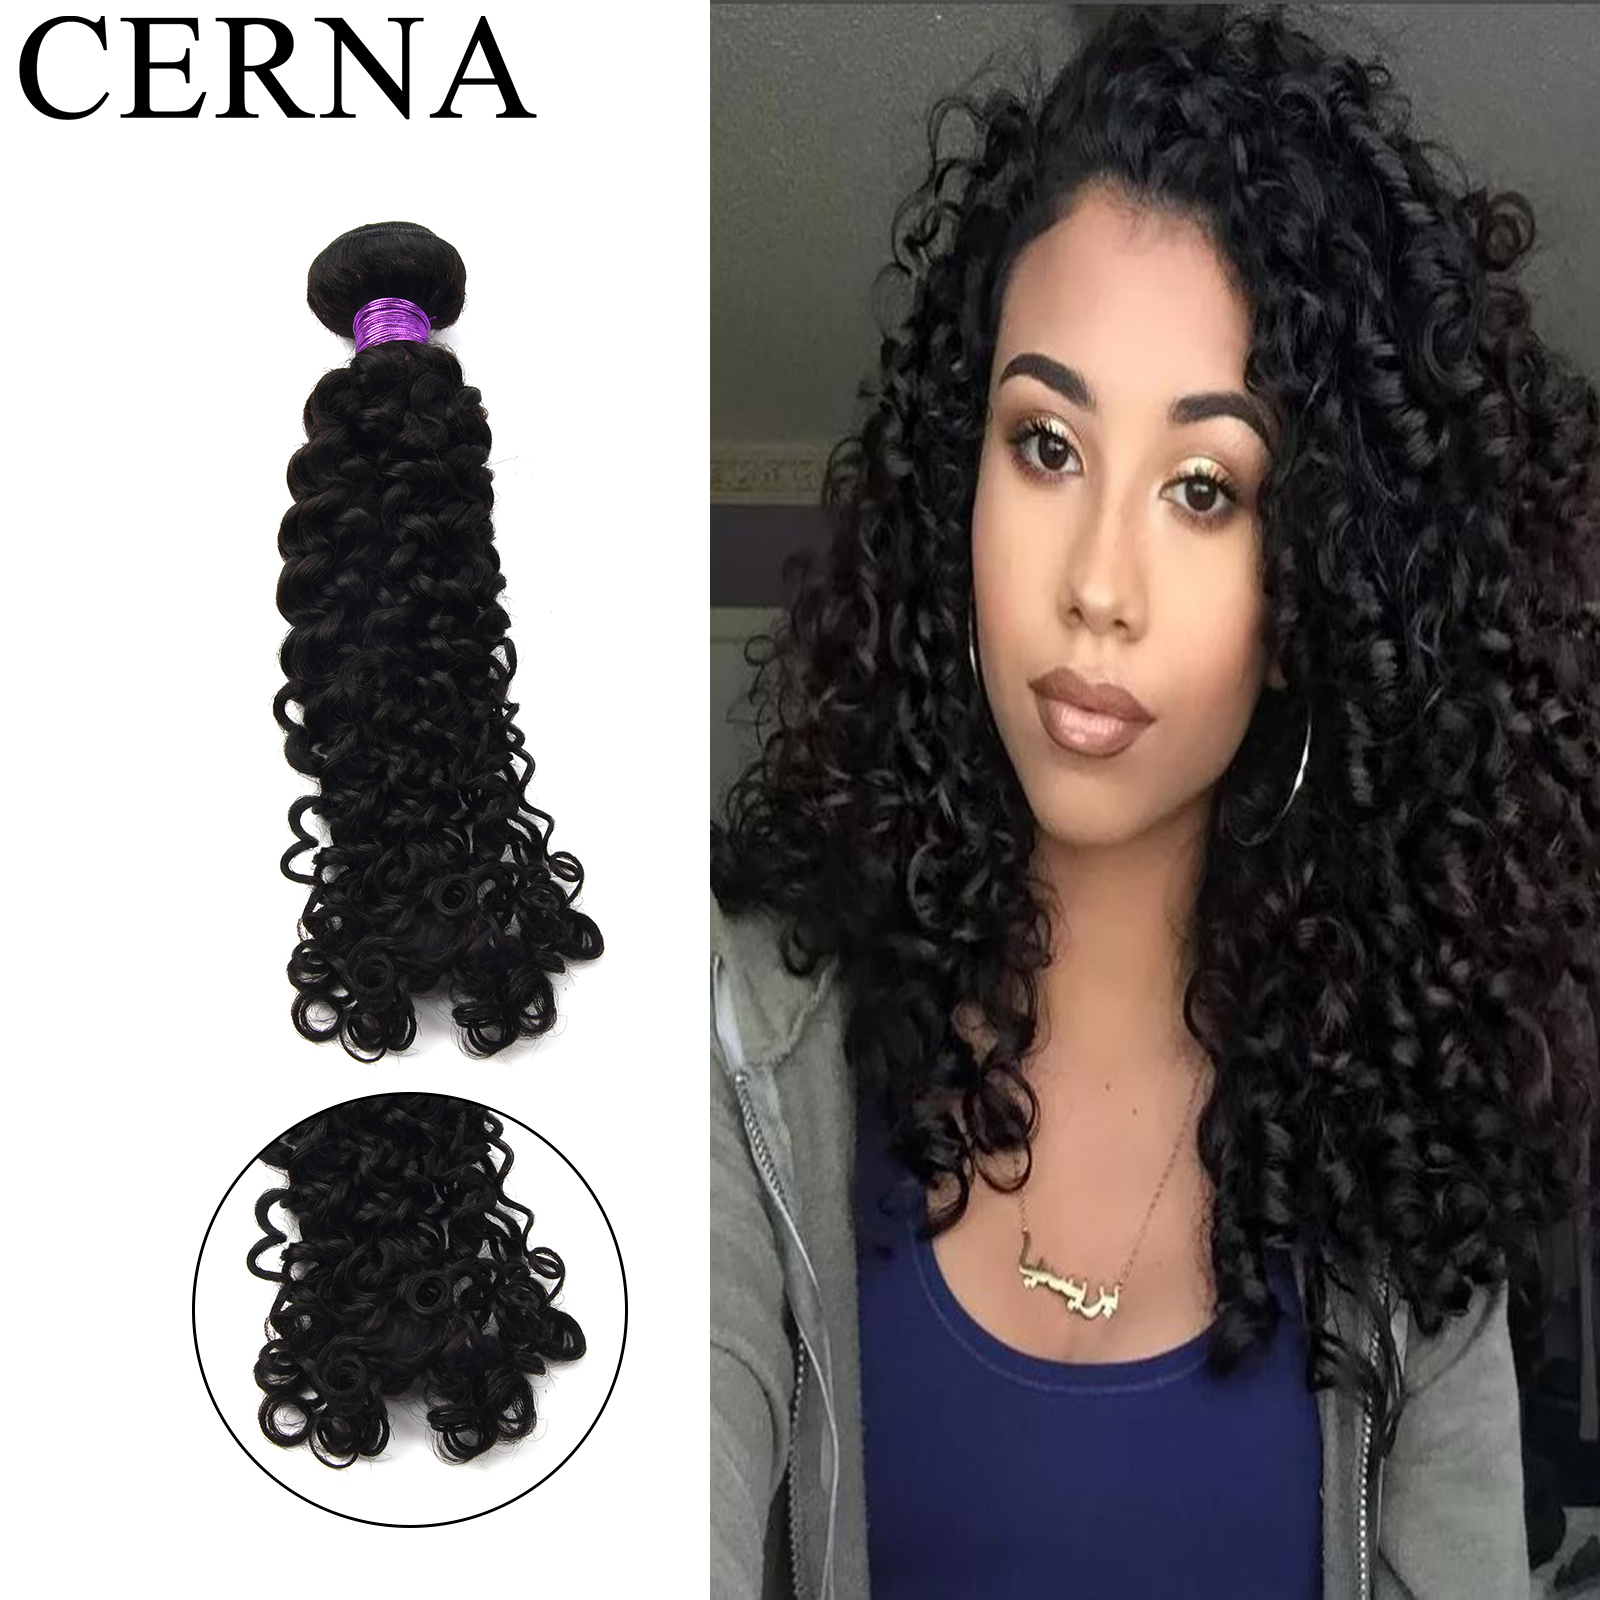 Cerna 100% onda italiana feixes de cabelo humano cabelo indiano cor natural extensões de cabelo para cabelo preto 1/3/4 pacotes atacado